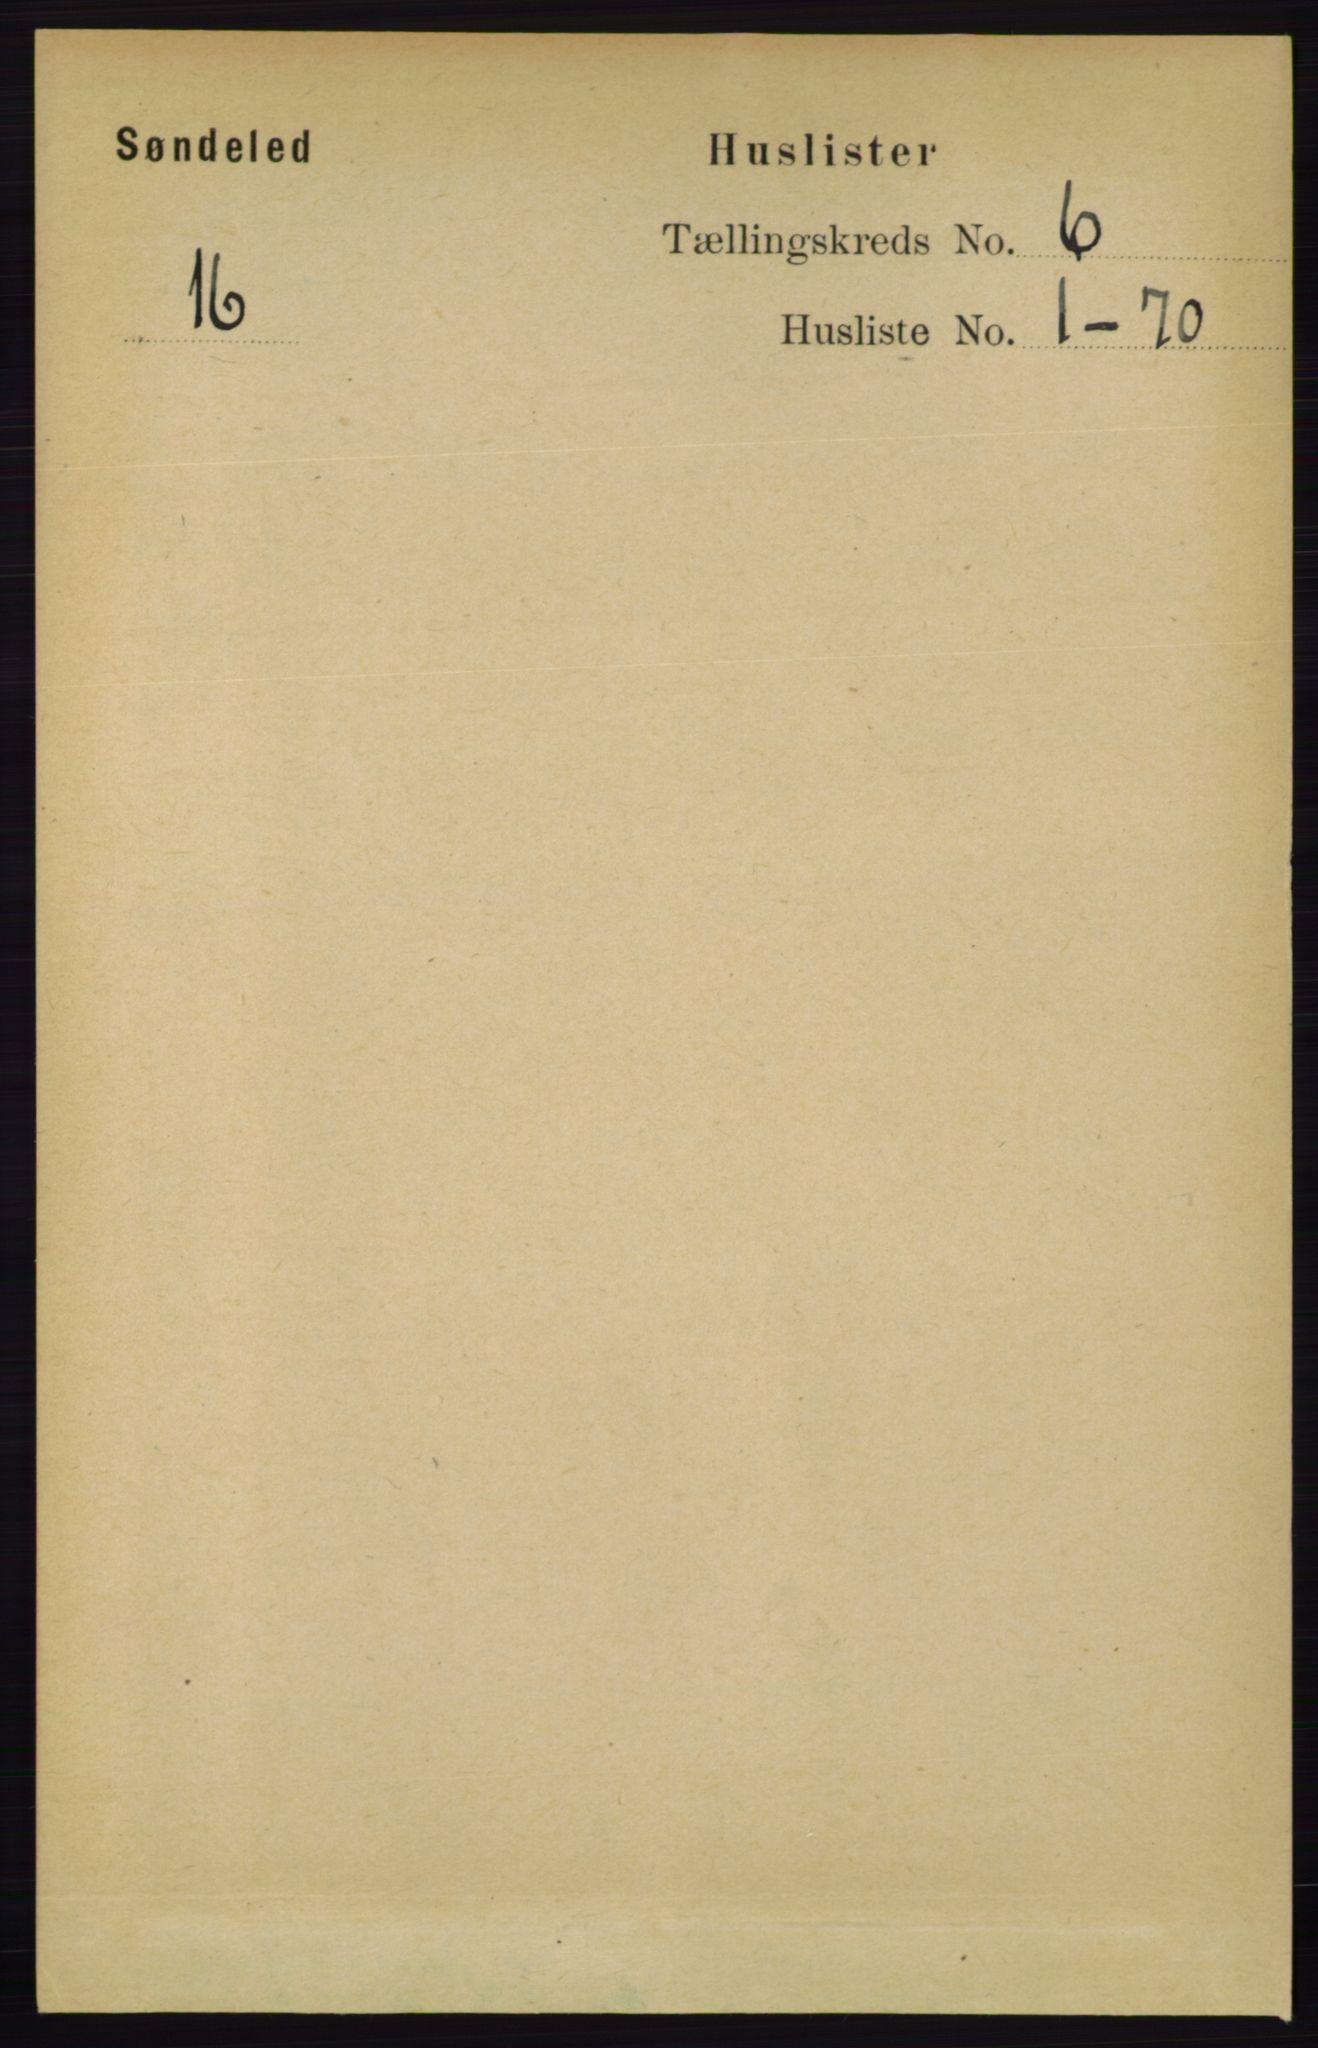 RA, Folketelling 1891 for 0913 Søndeled herred, 1891, s. 1741